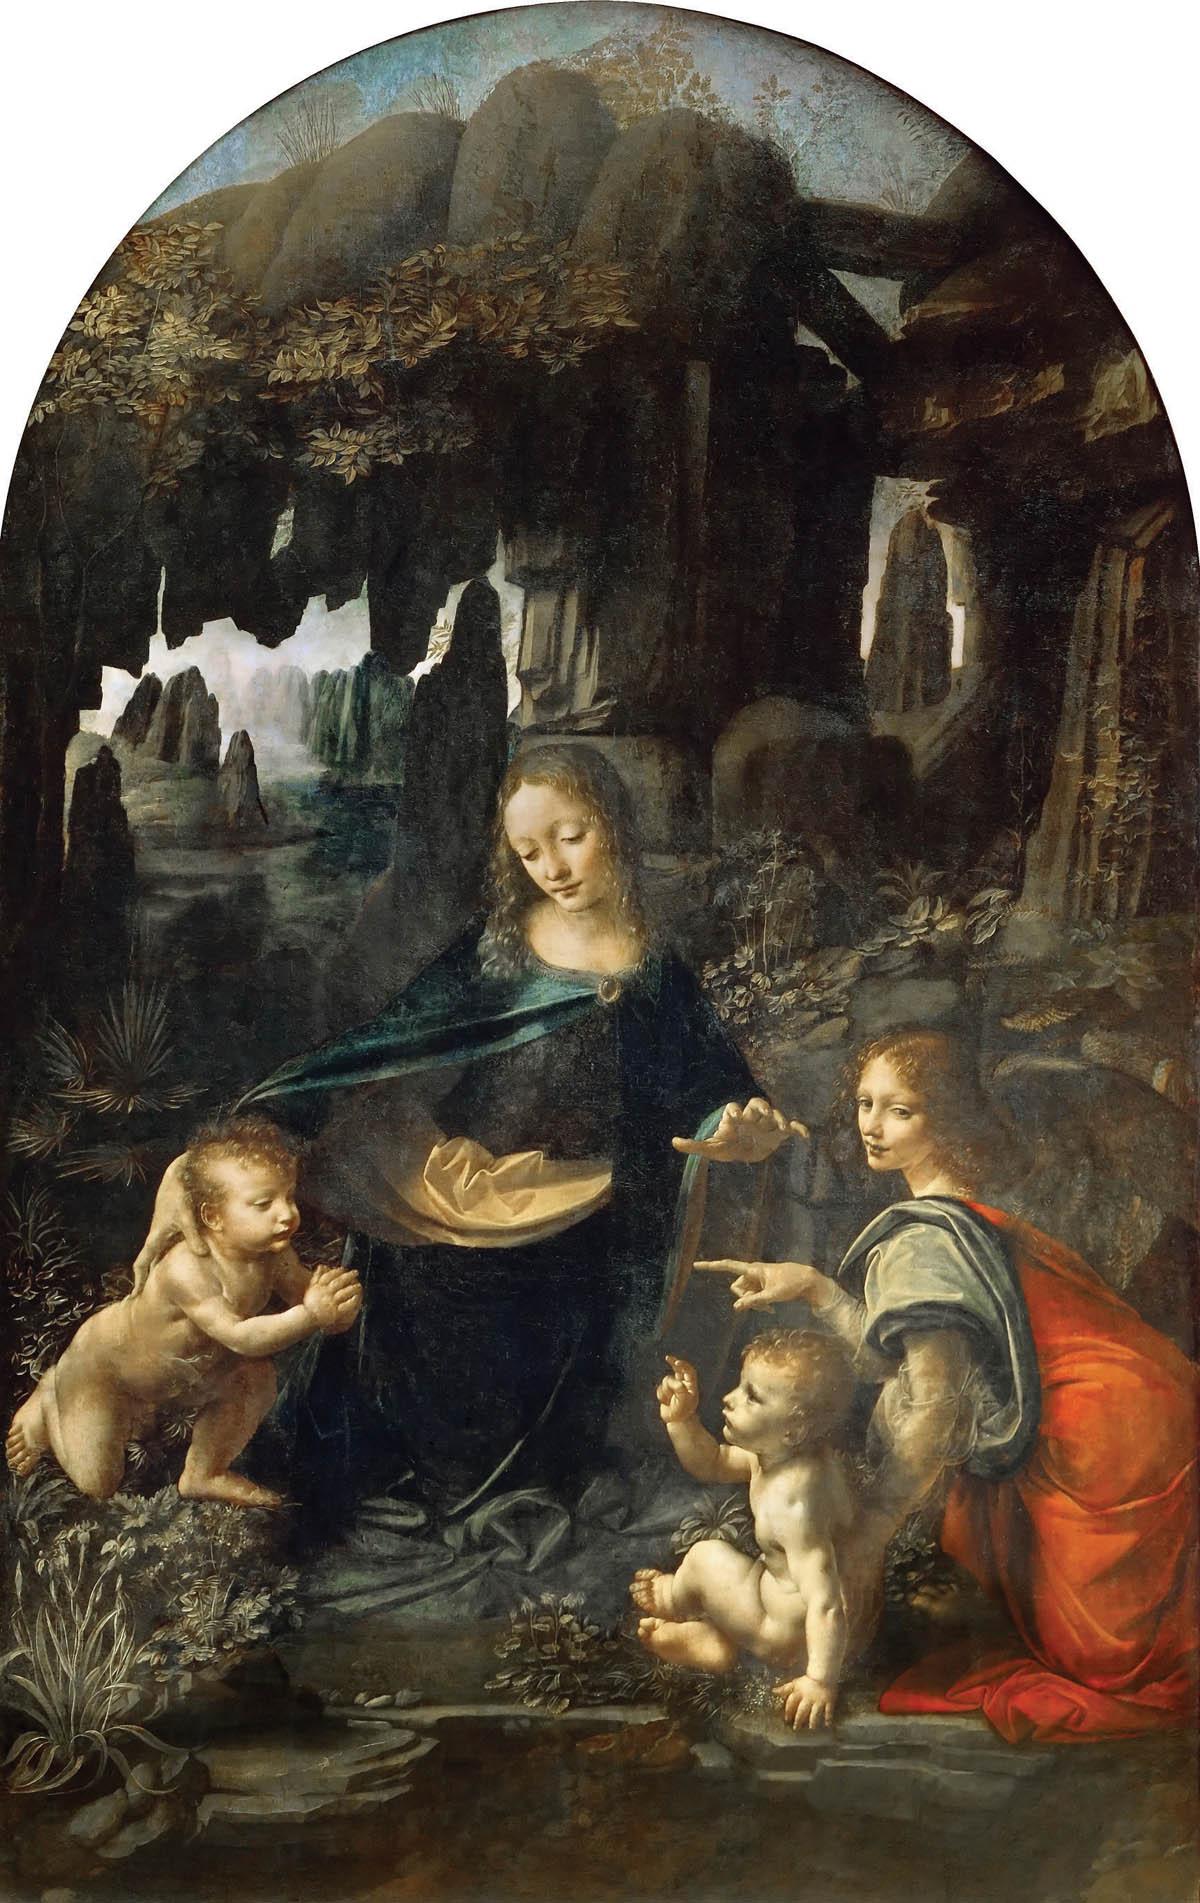 The geology of Leonardo's Virgin of the Rocks